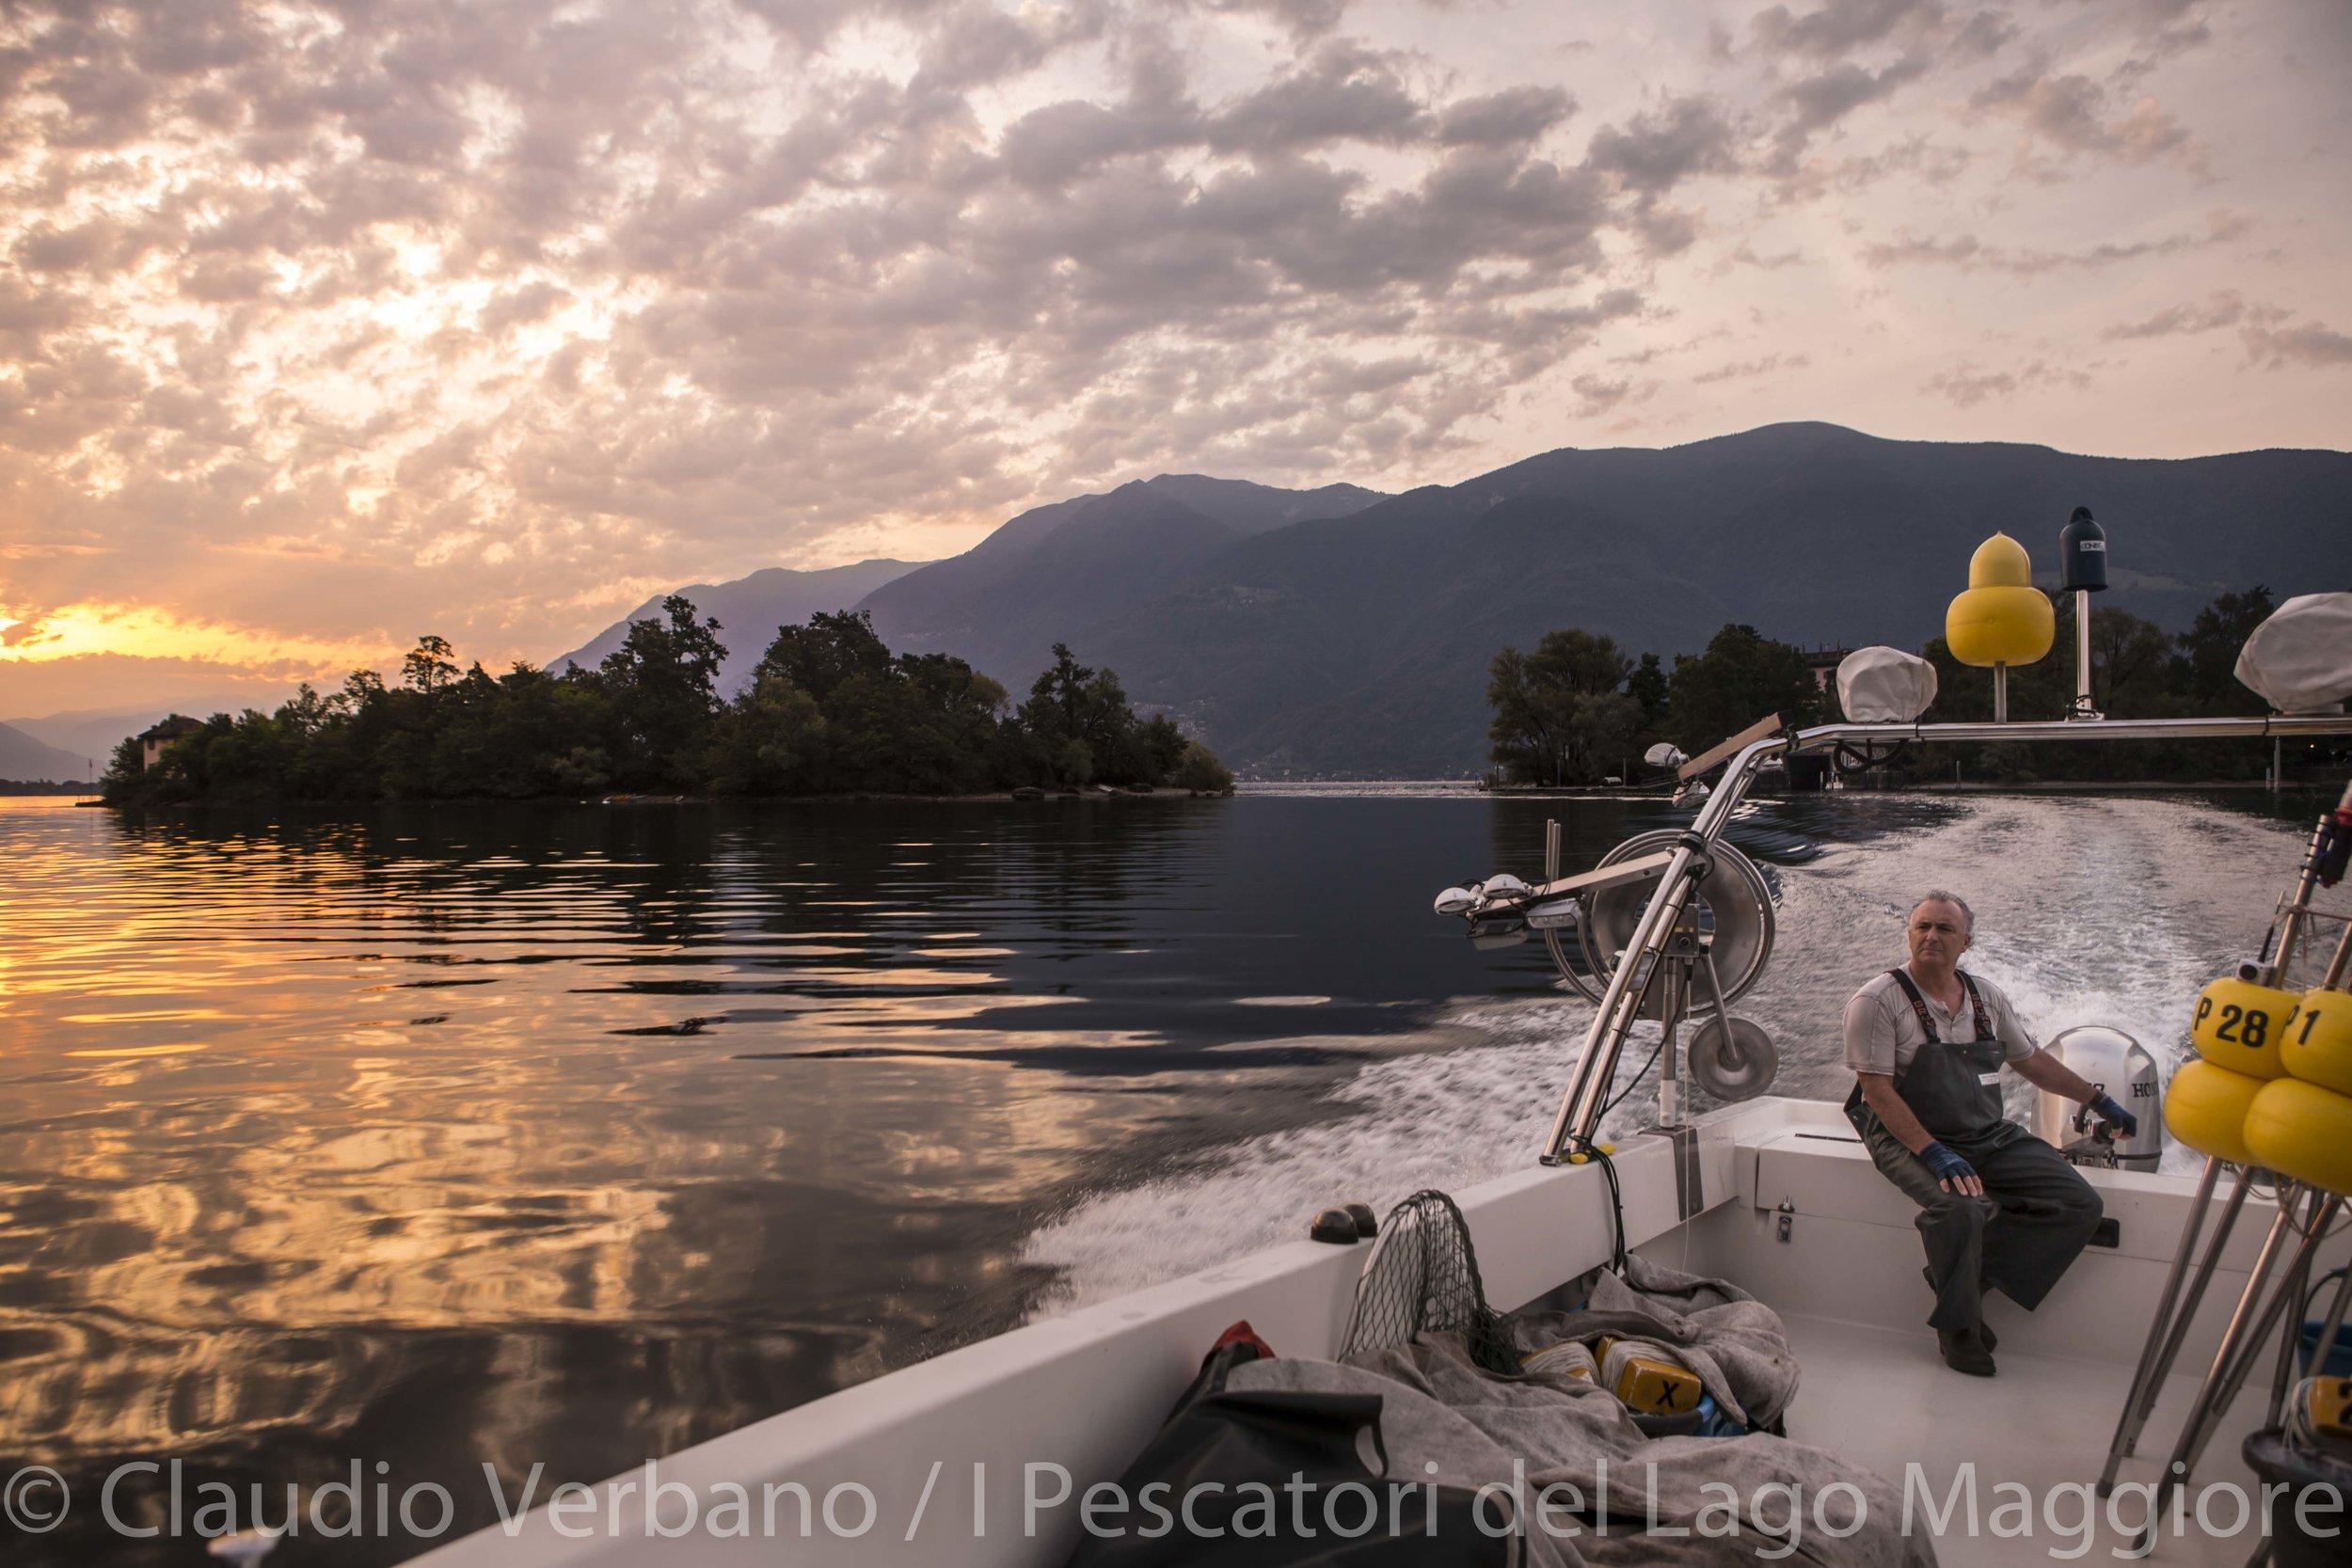 ClaudioVerbano_I Pescatori del Lago Maggiore_14.jpg